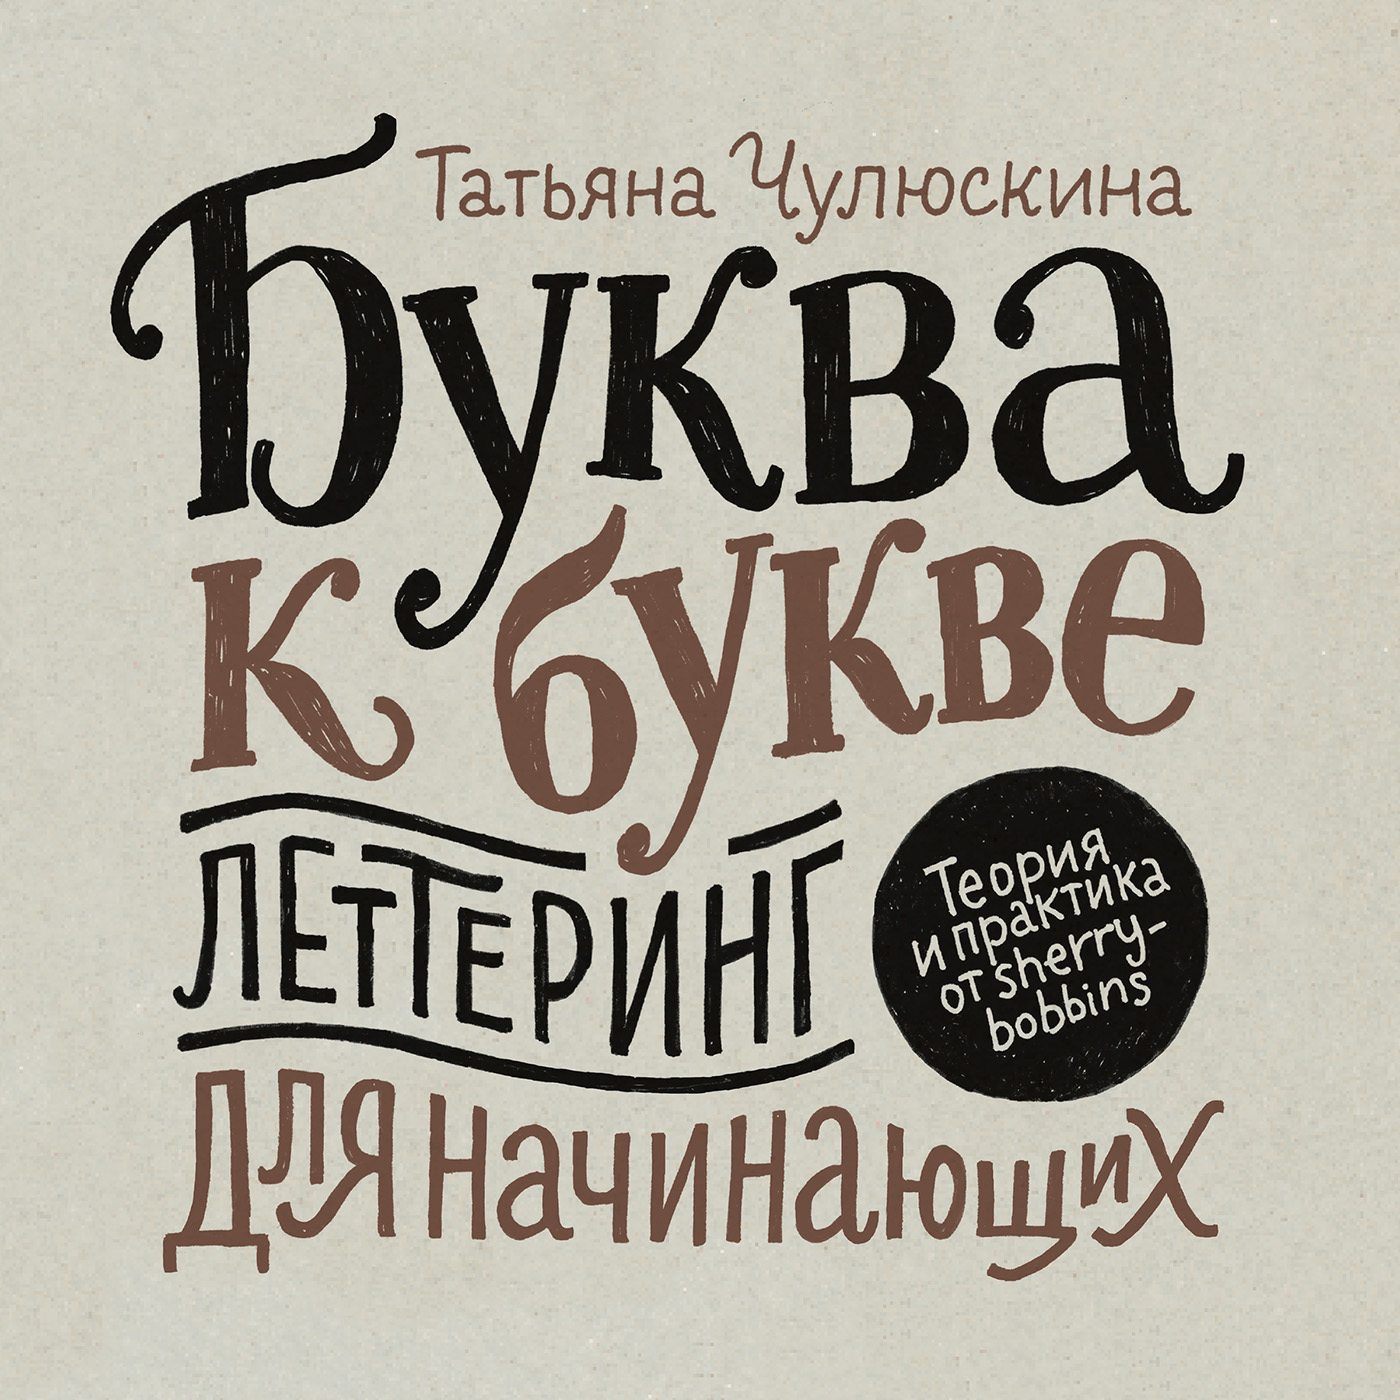 Татьяна Чулюскина Буква к букве. Леттеринг для начинающих т чулюскина буква к букве леттеринг для начинающих